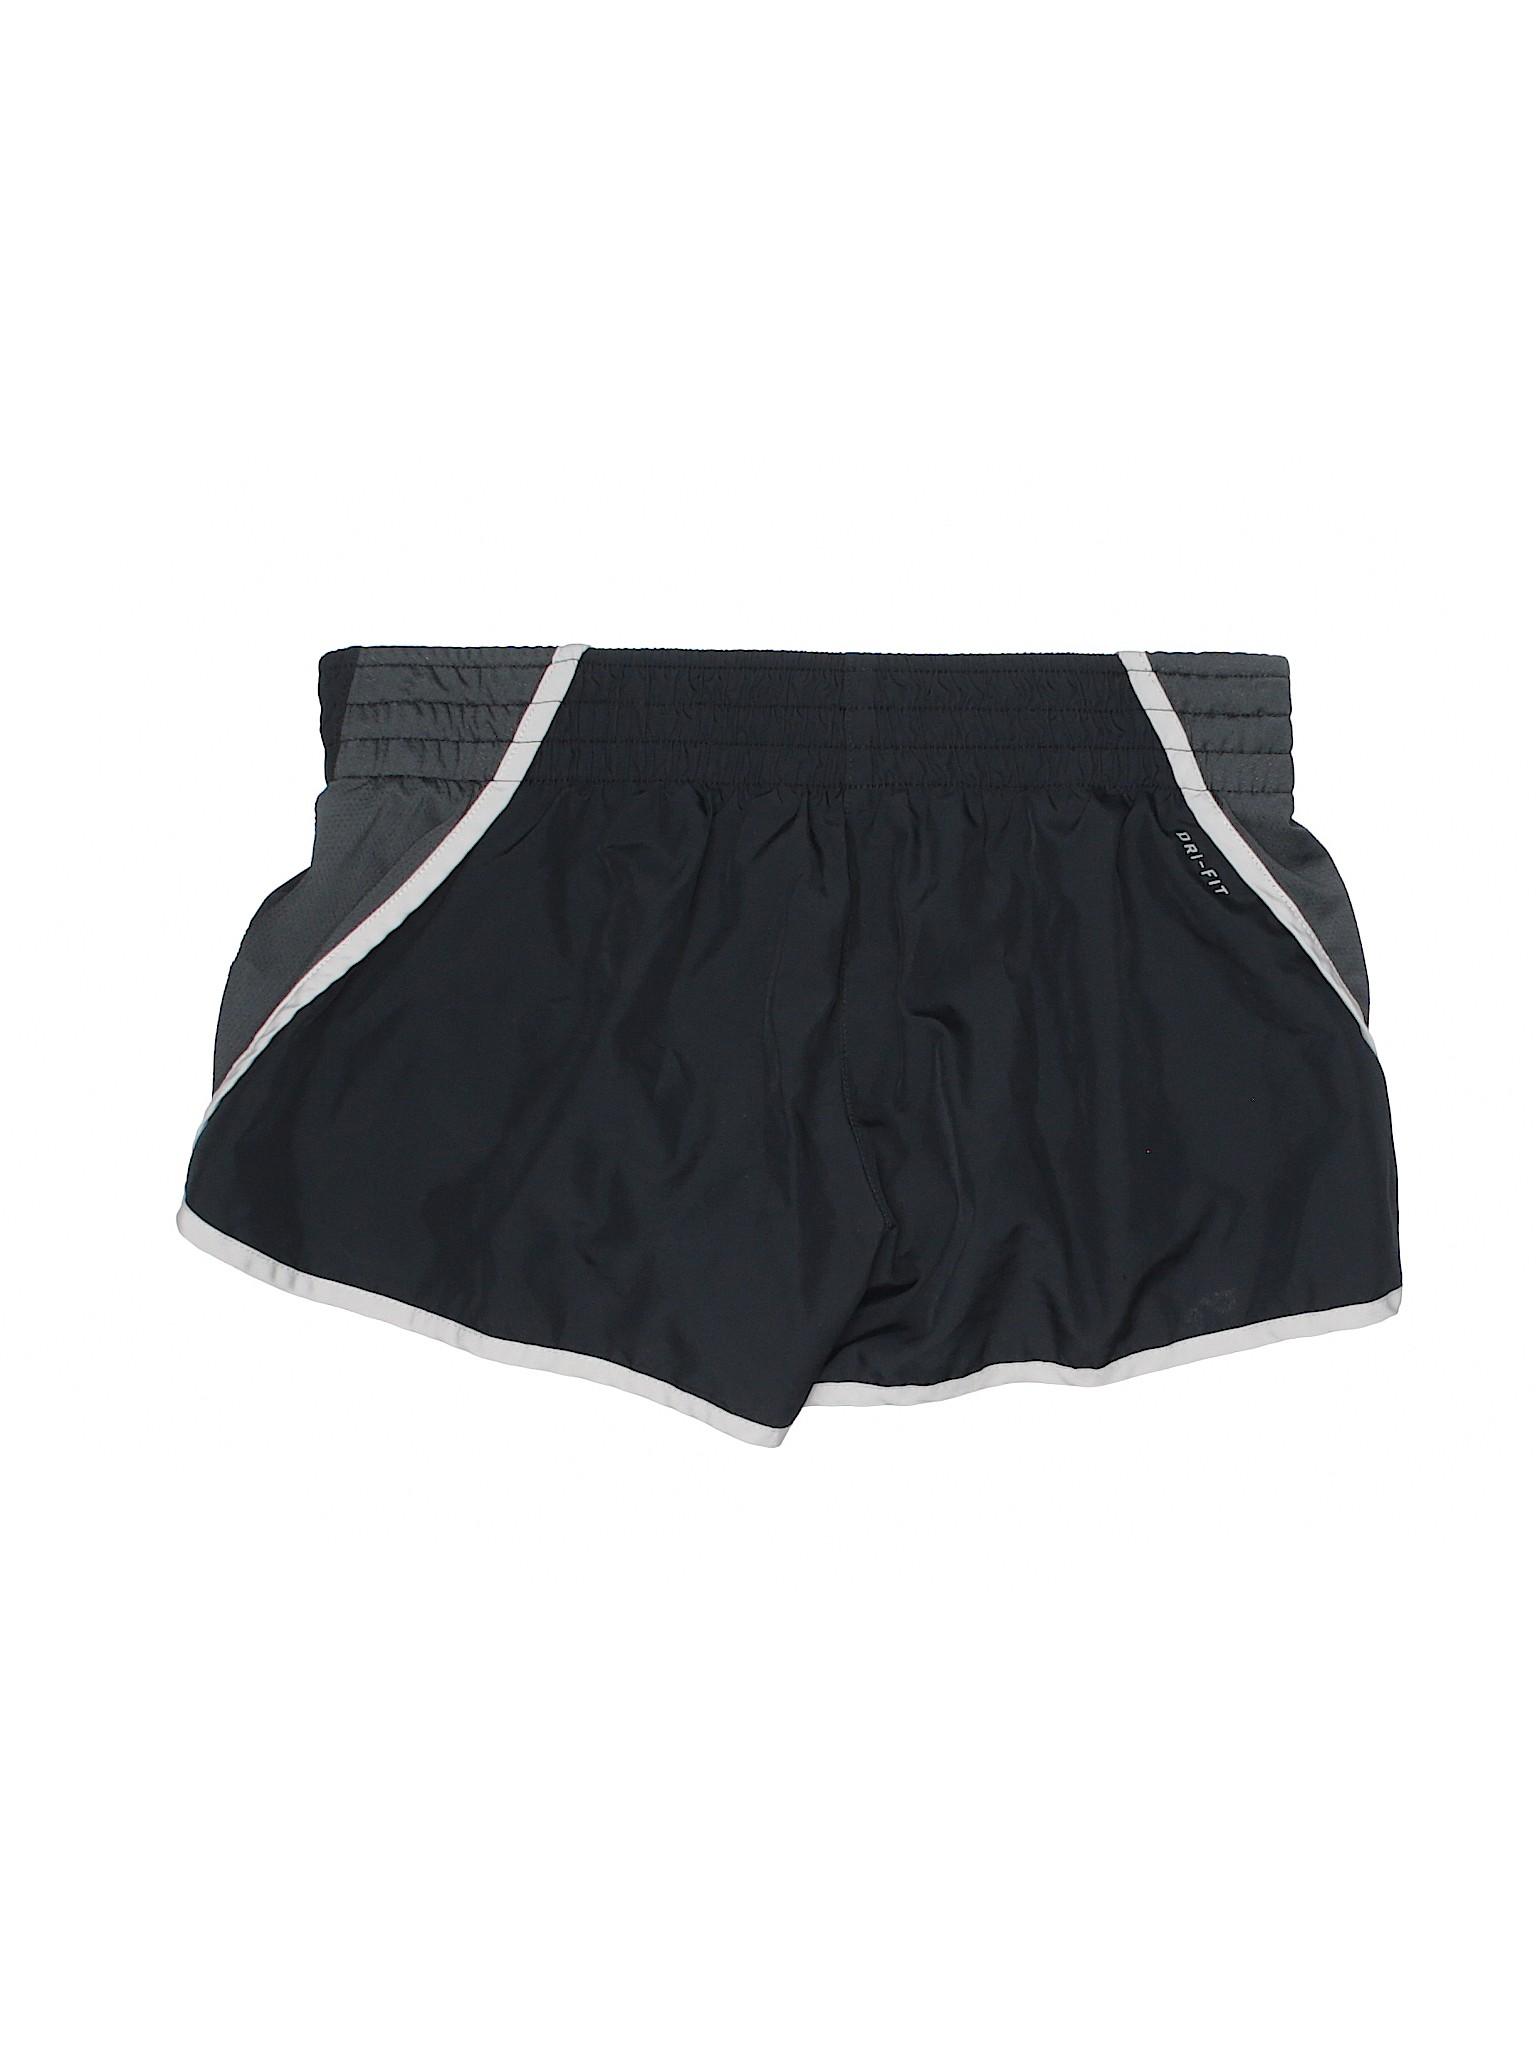 Nike Shorts Athletic Athletic Nike Shorts Boutique Boutique Boutique Athletic Nike RgdcqZ